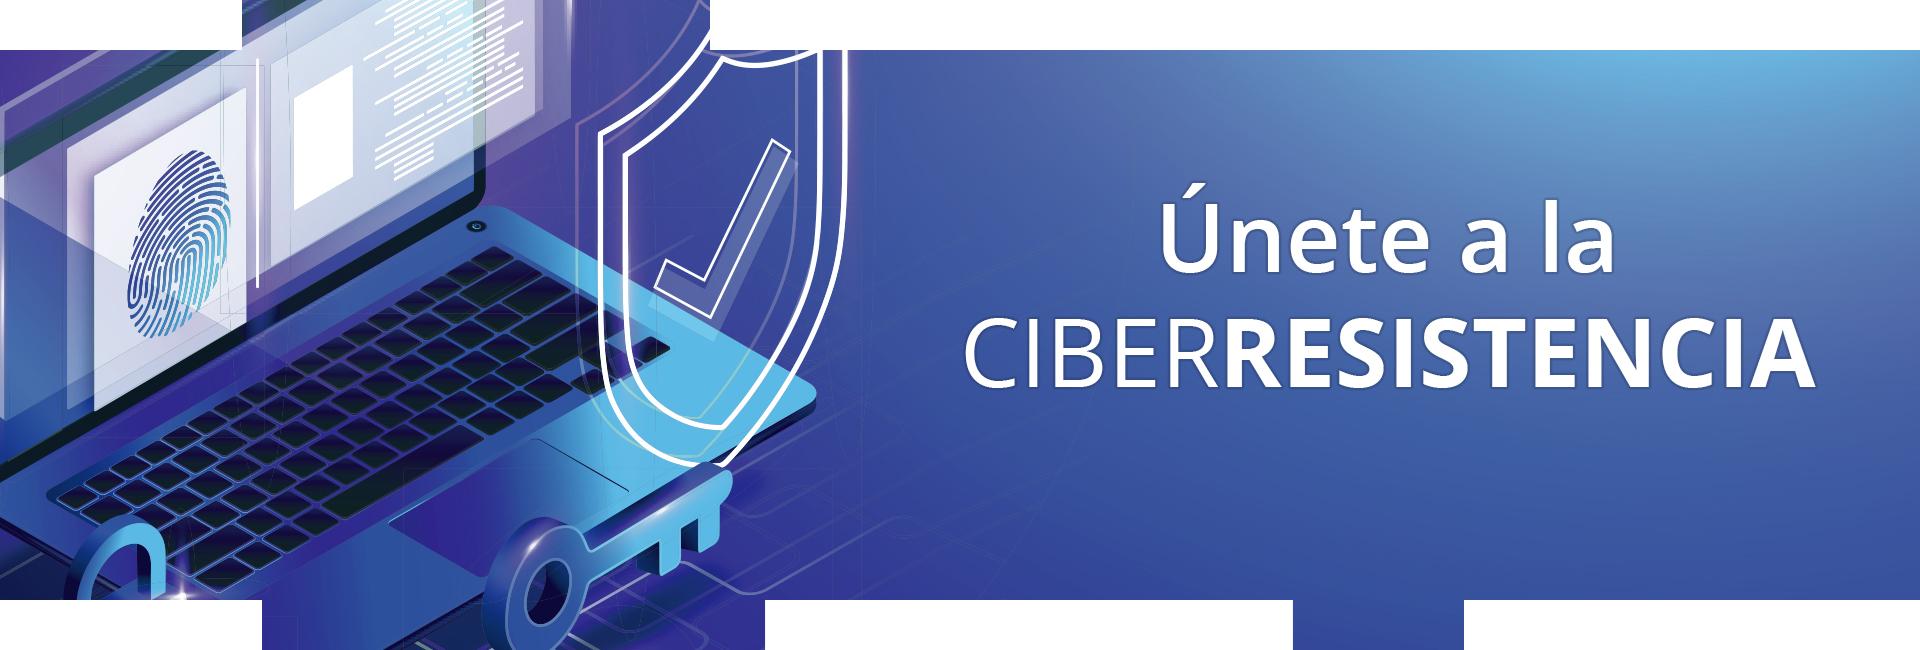 Evitar ciberataques en entornos de teletrabajo